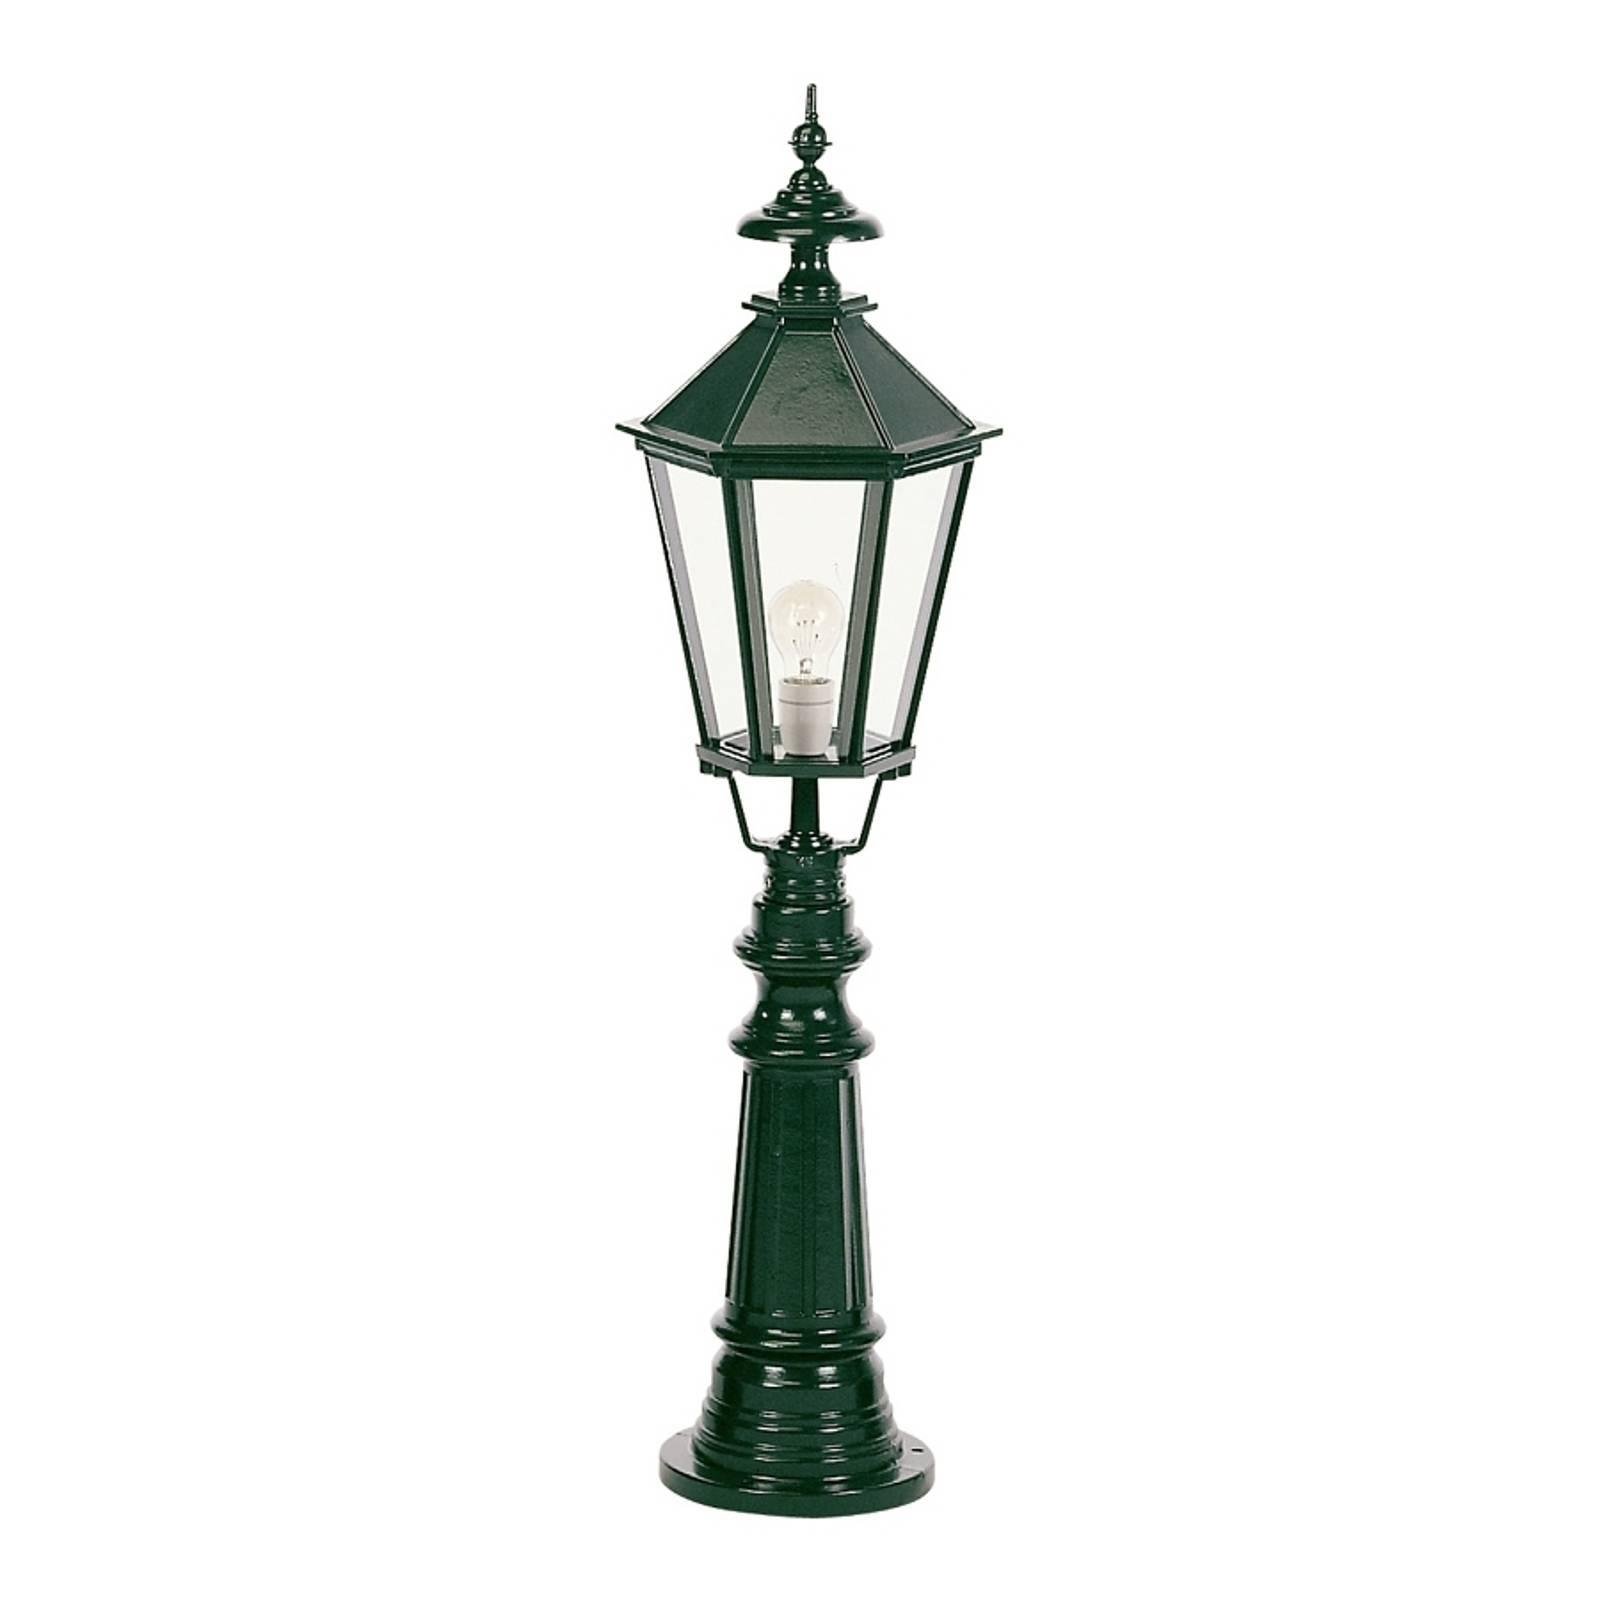 Klasyczny słupek oświetleniowy Liverpool, zielony